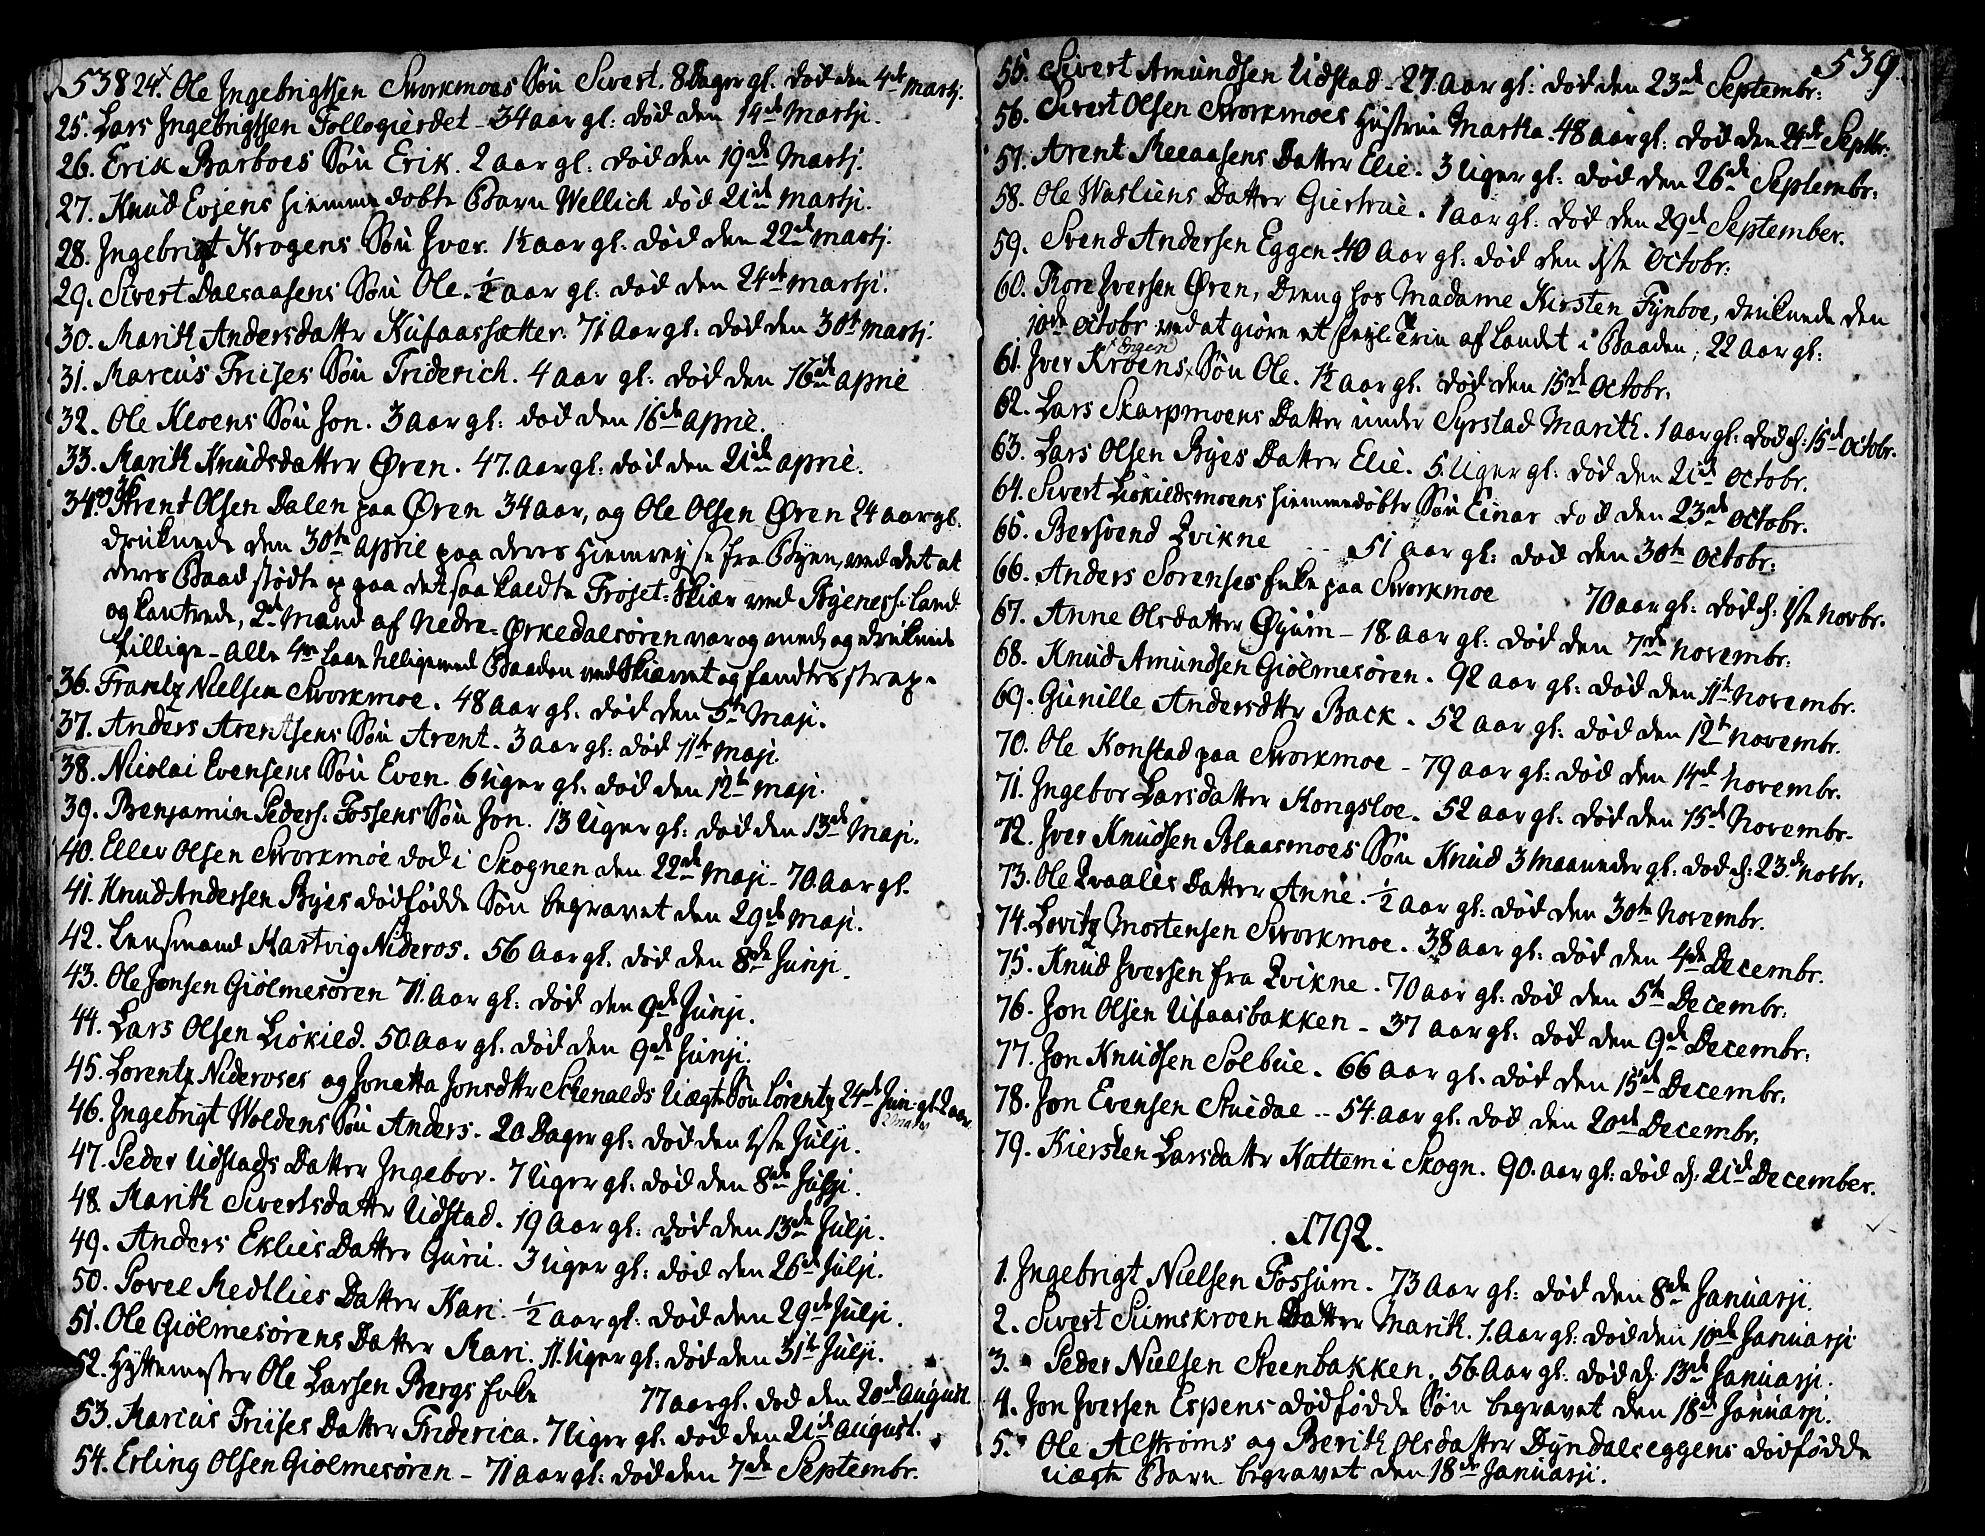 SAT, Ministerialprotokoller, klokkerbøker og fødselsregistre - Sør-Trøndelag, 668/L0802: Ministerialbok nr. 668A02, 1776-1799, s. 538-539